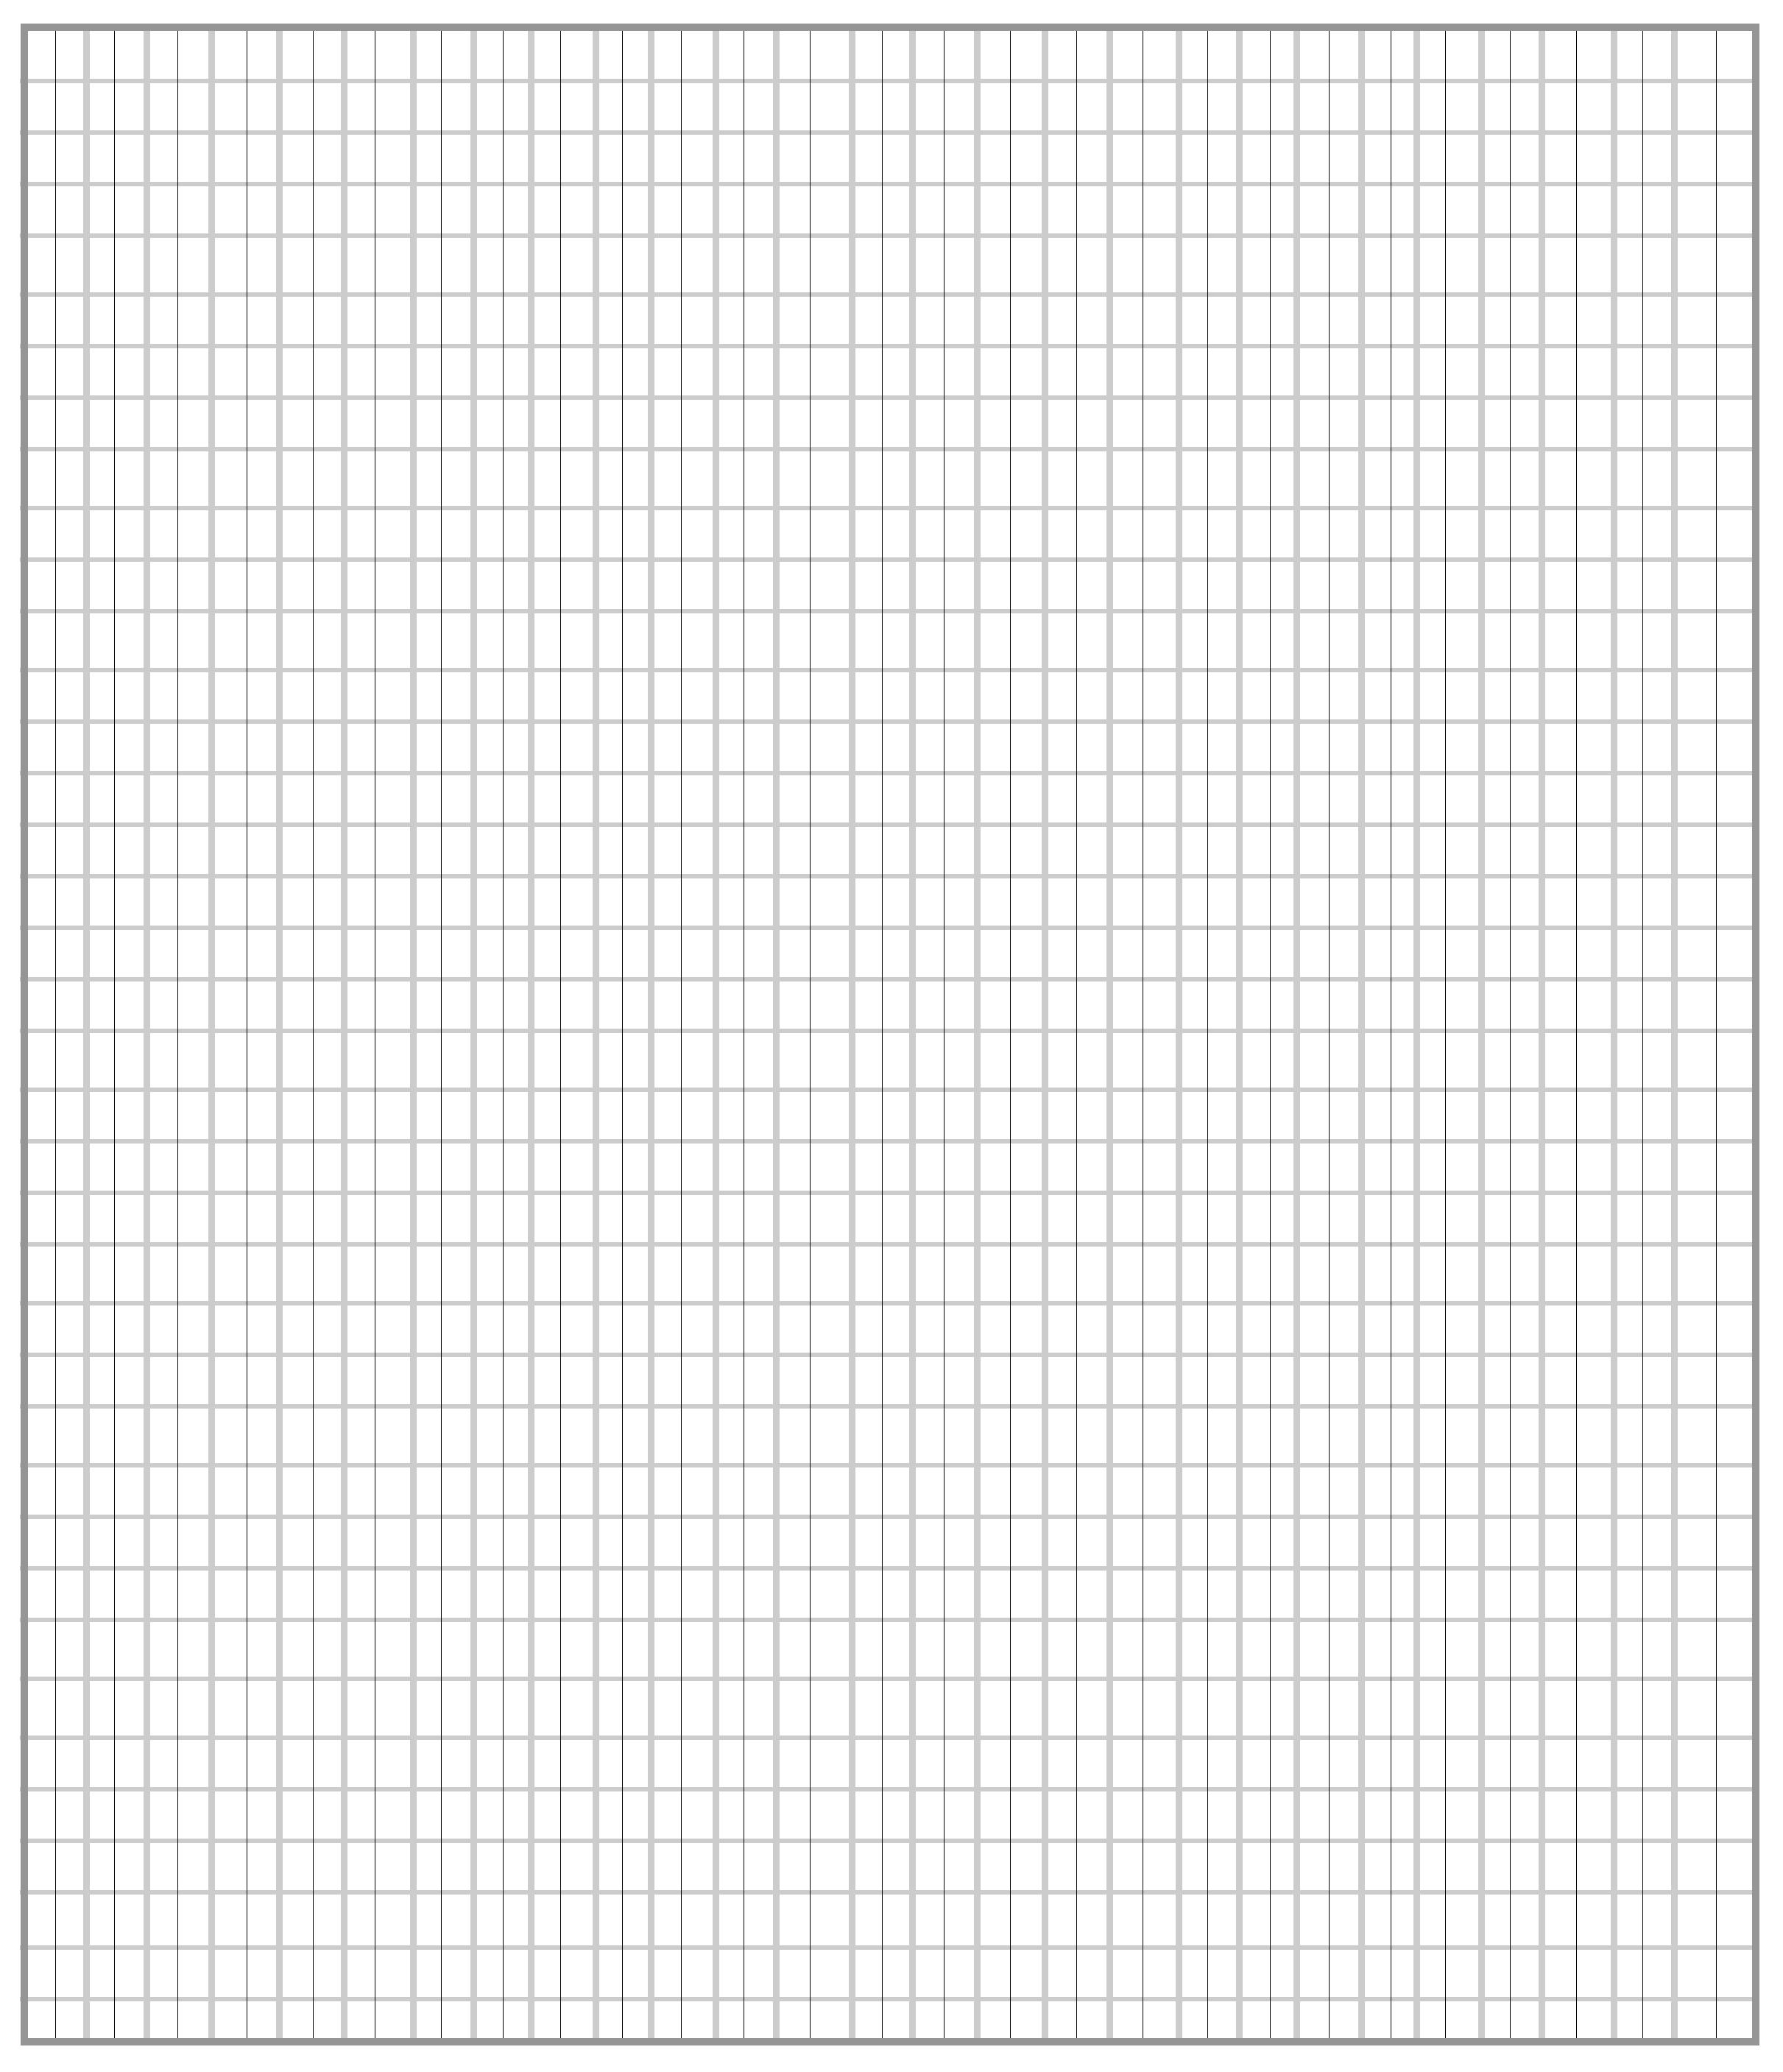 Printable Grid Paper Free